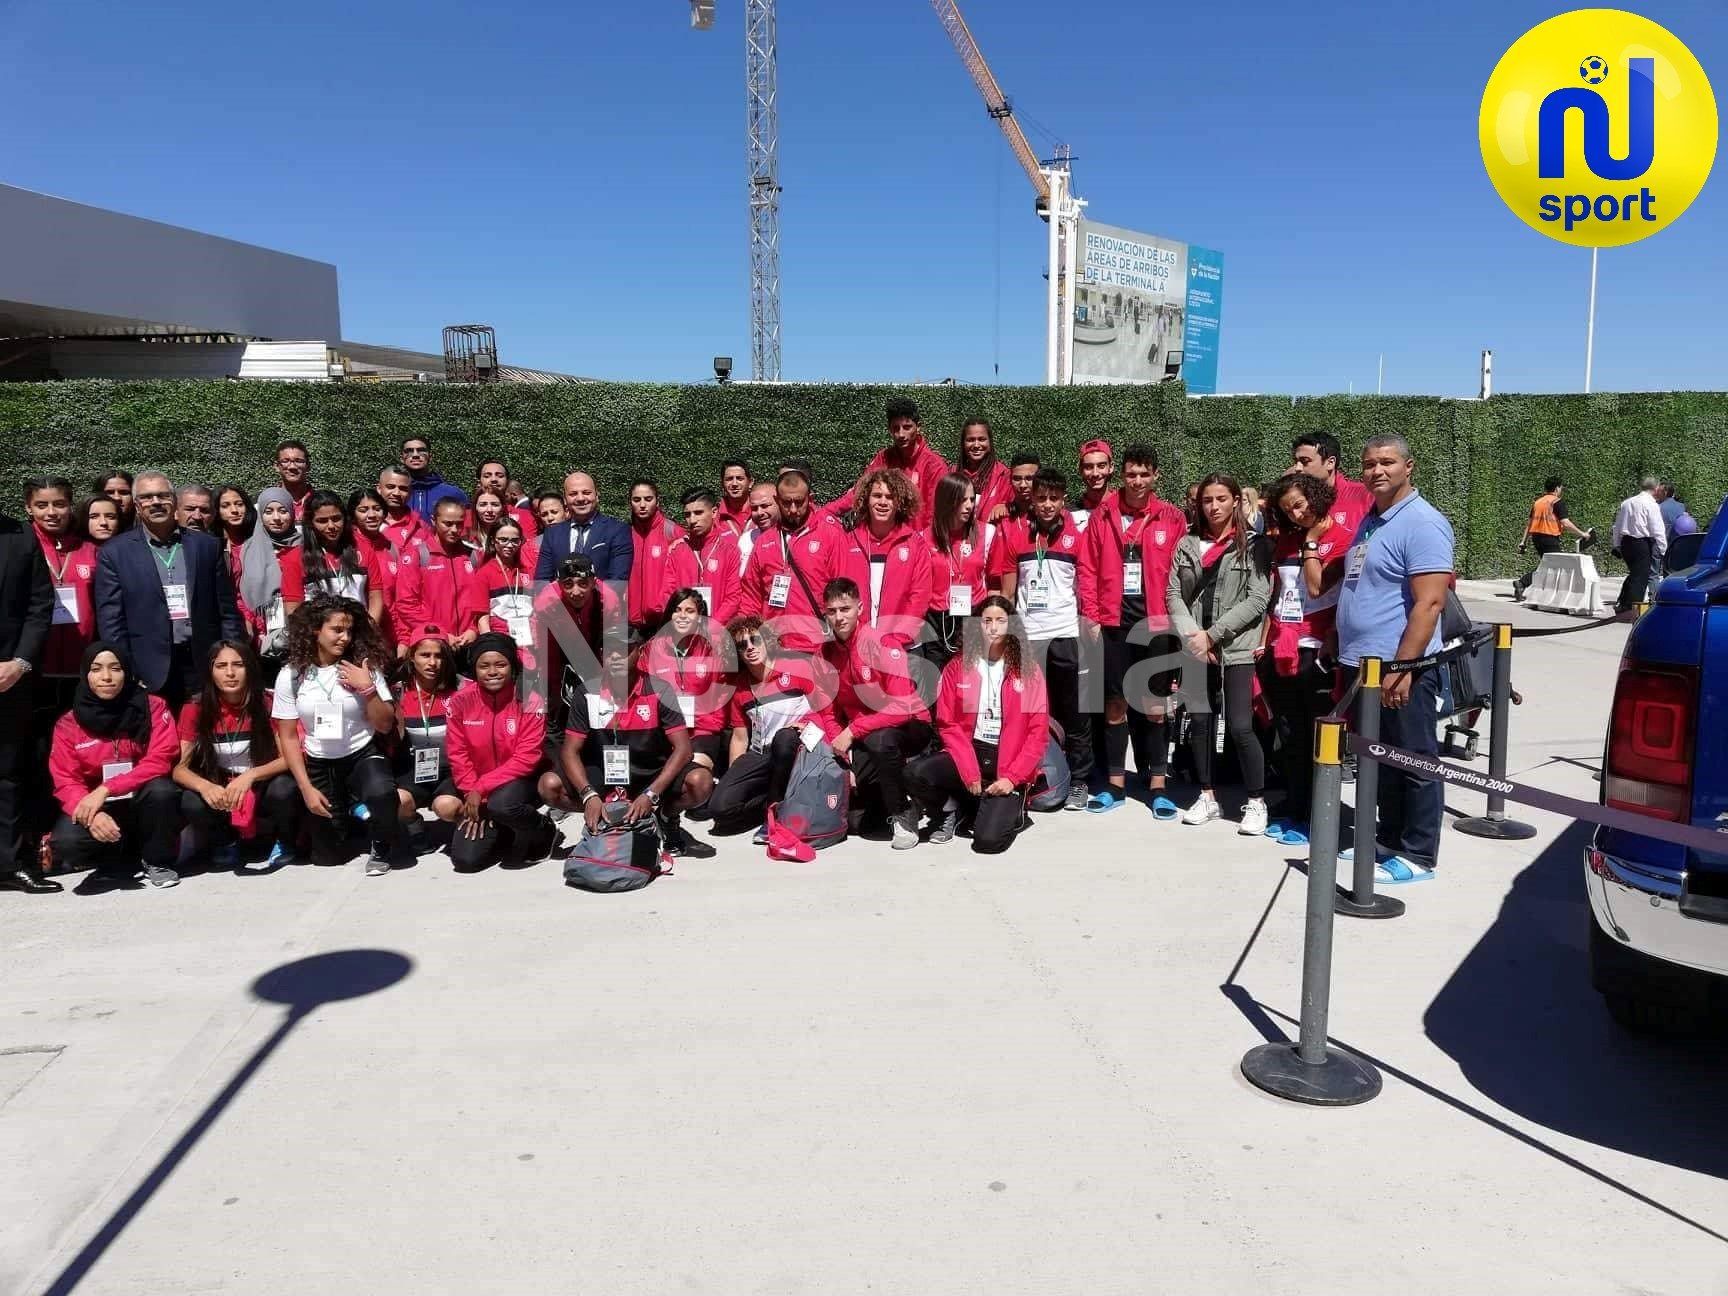 صور خاصة لوصول الوفد التونسي للأرجنتين تحديدا بيونس ايرس للمشاركة في الدورة الثالثة للألعاب الأولمبية للشباب  من 6 إلى 18 أكتوبر 2018